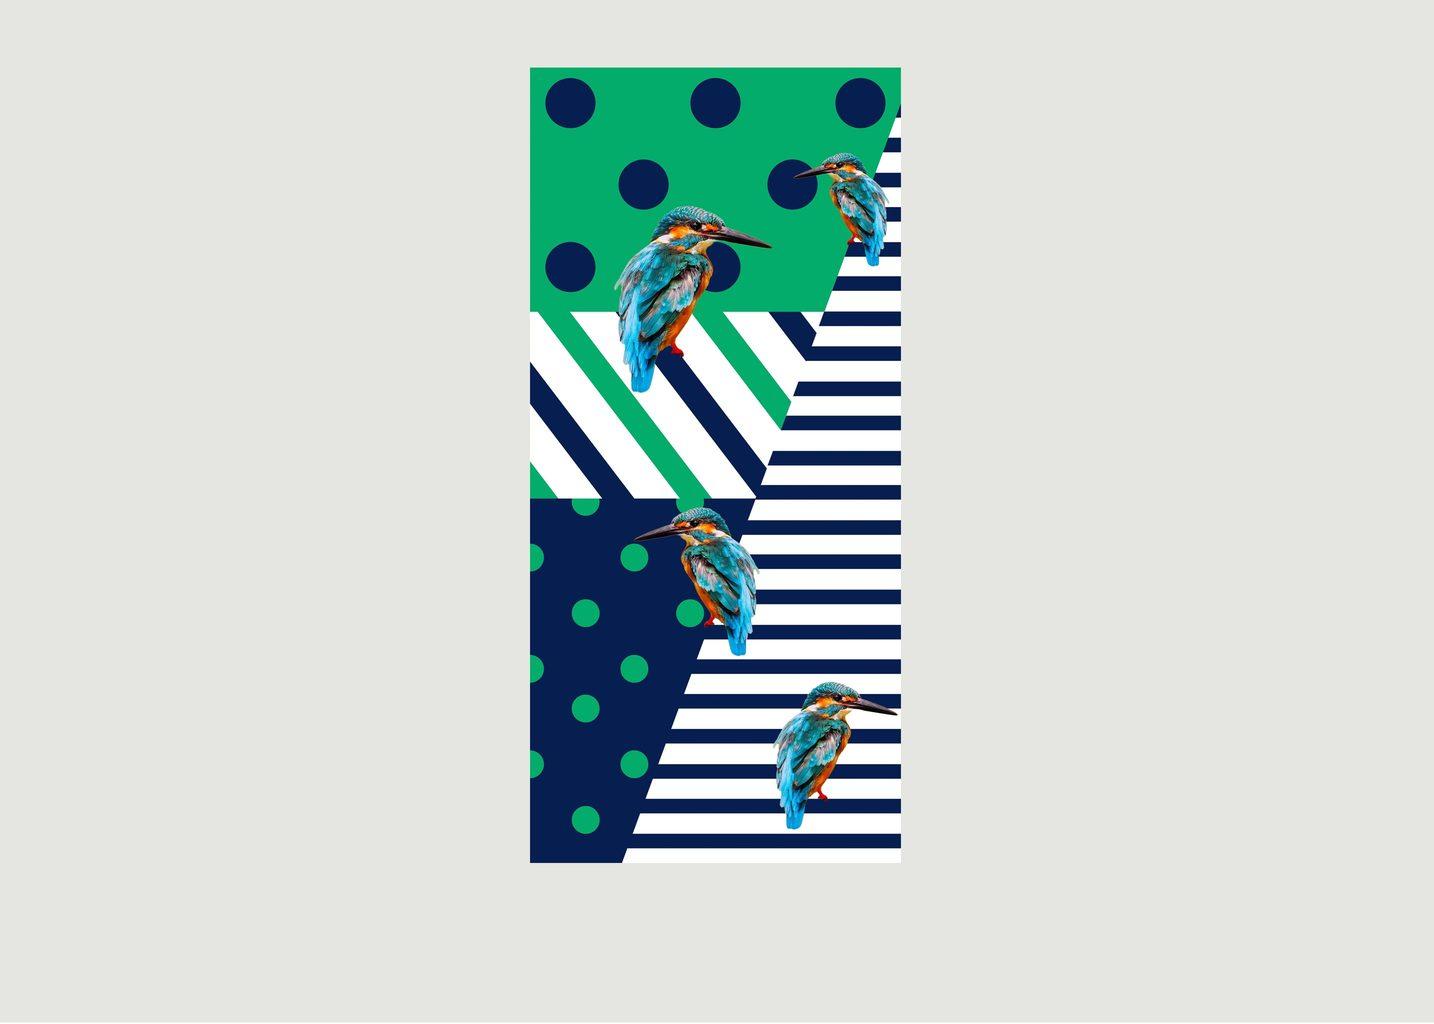 Foulard En Micro Modal Kingfisher - Meesha